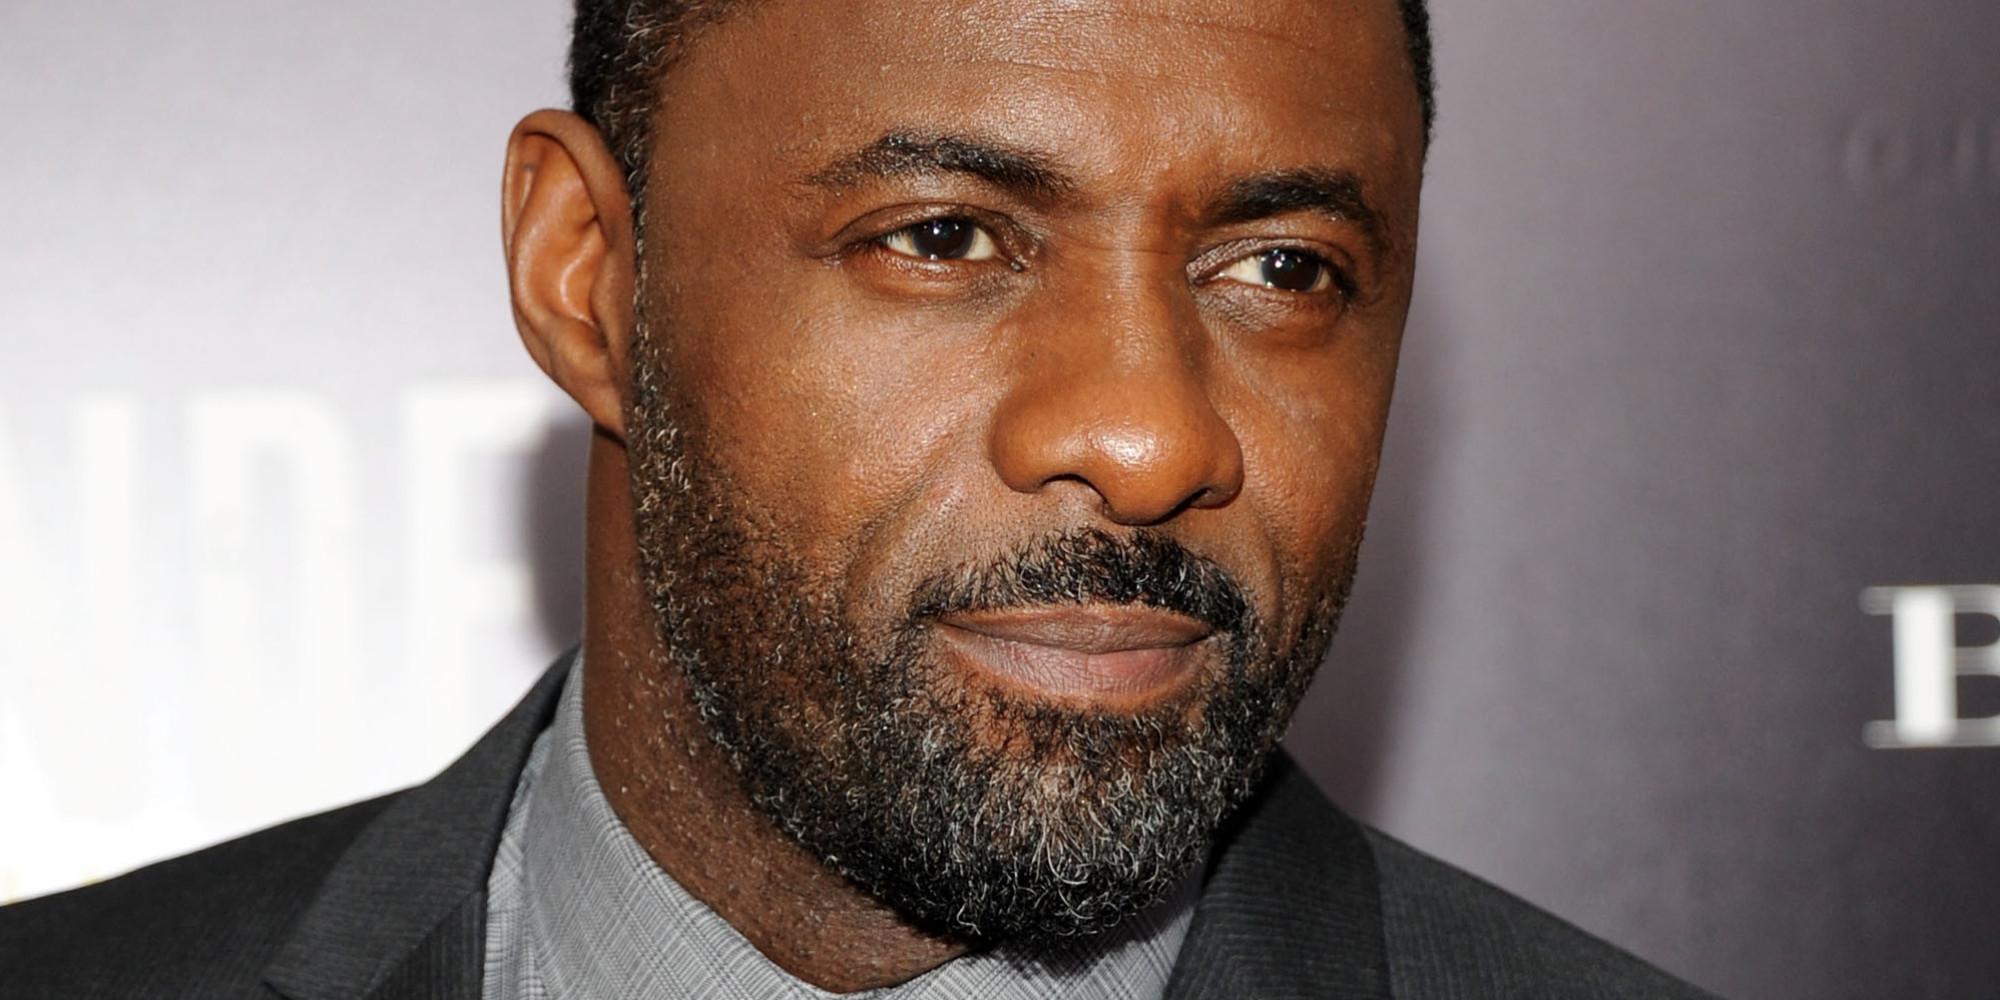 Idris Elba Backgrounds, Compatible - PC, Mobile, Gadgets| 2000x1000 px